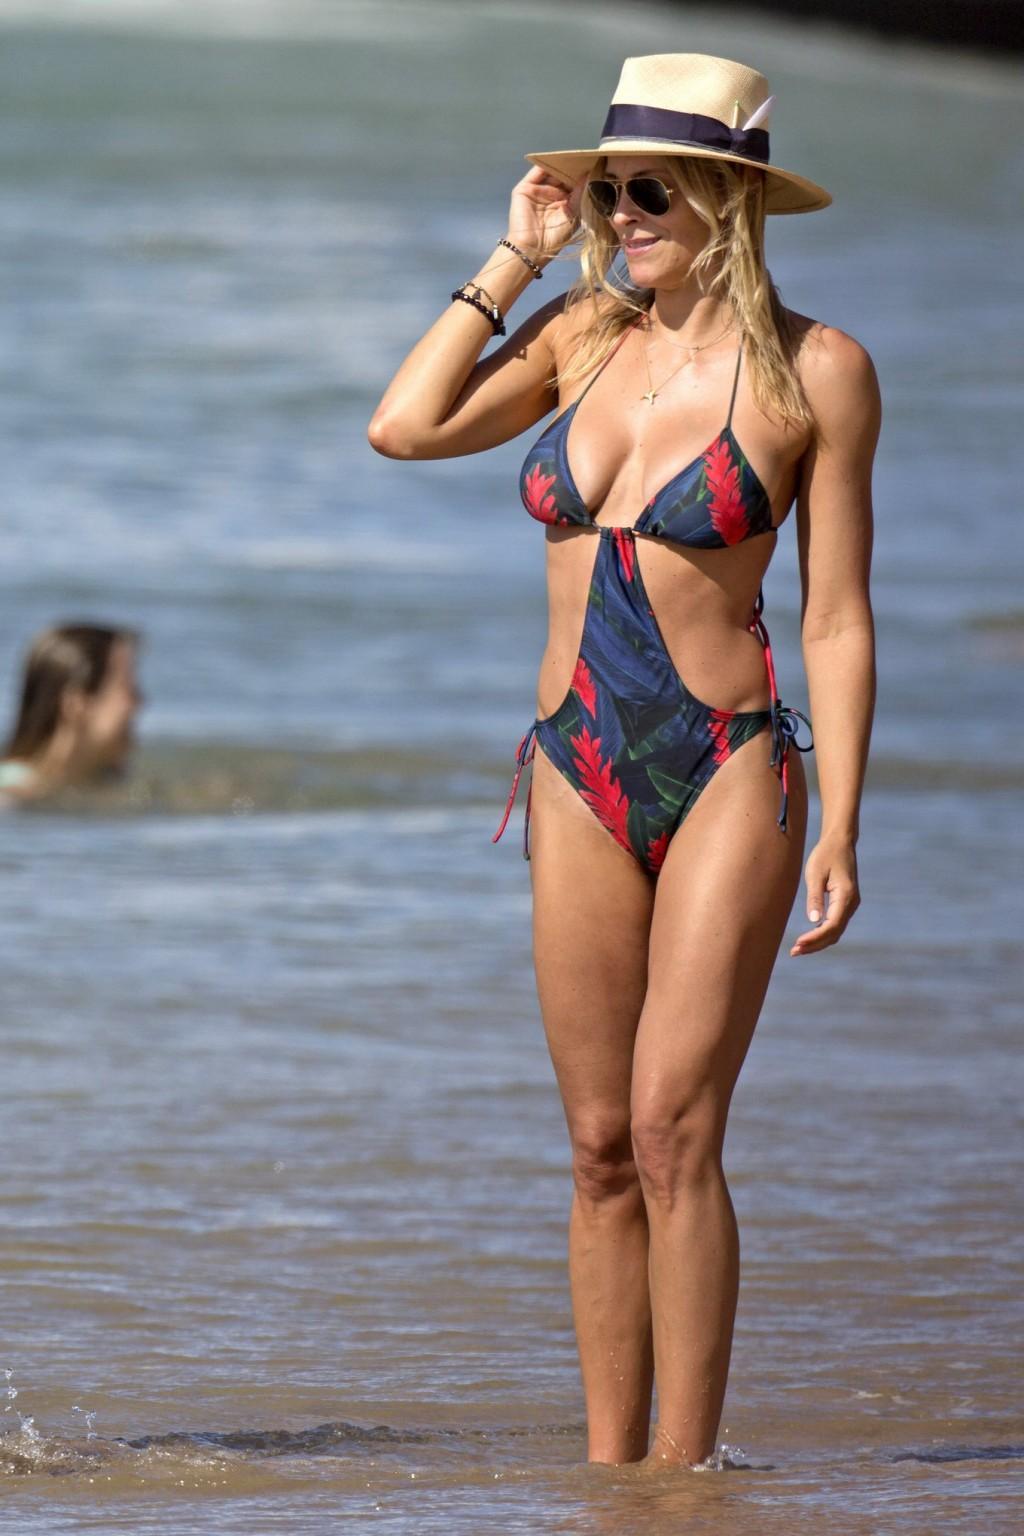 Британи Даниэль и Синтия Даниэль прогуливаются по берегу моря в купальниках, показывая свои фигурки